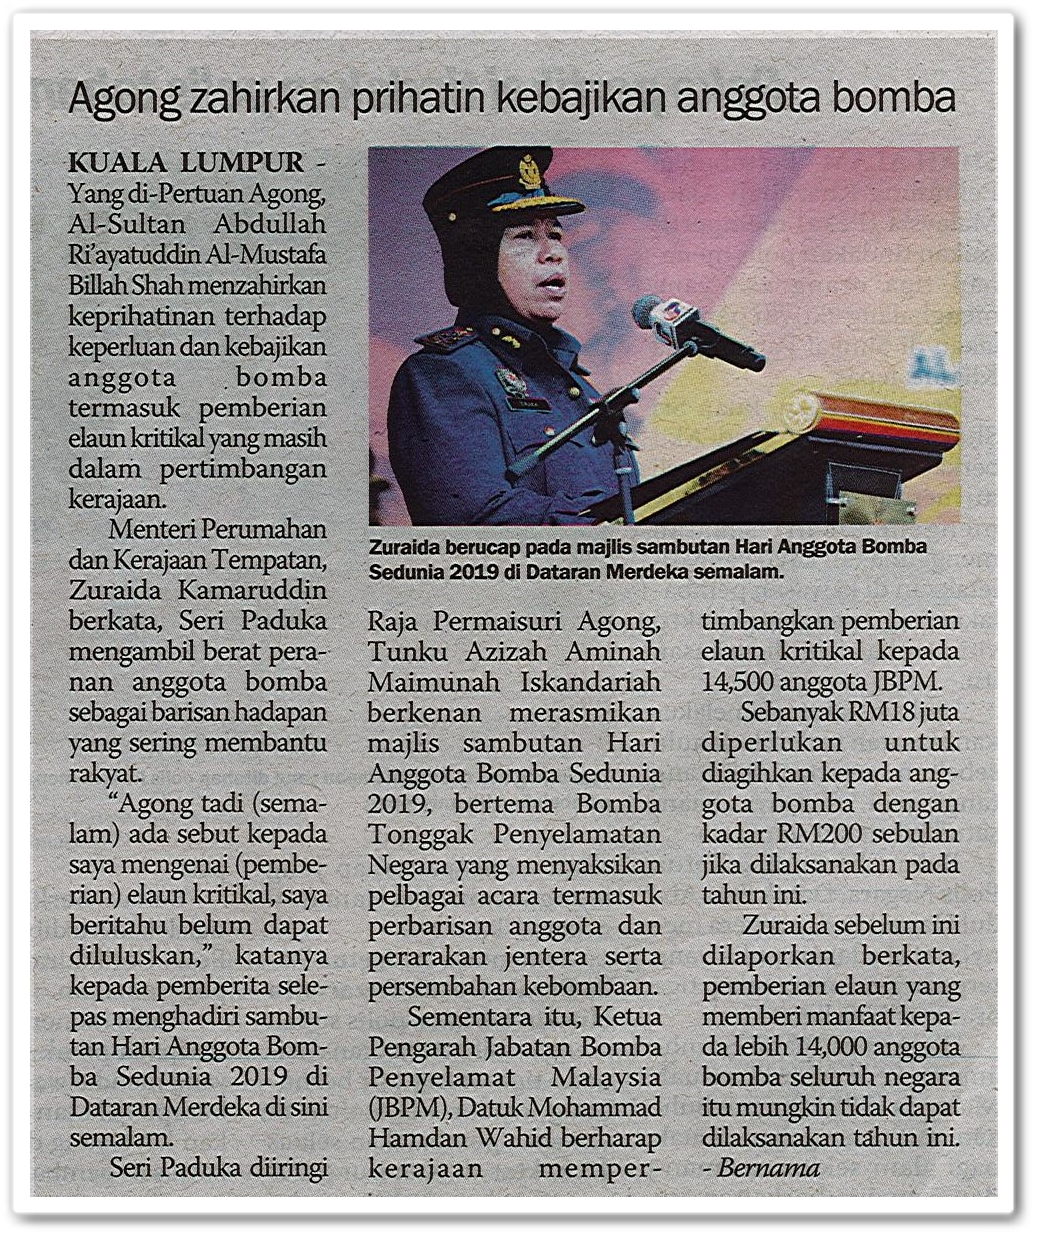 Agong zahirkan prihatin kebajikan anggota bomba - Keratan akhbar Sinar Harian 21 Julai 2019